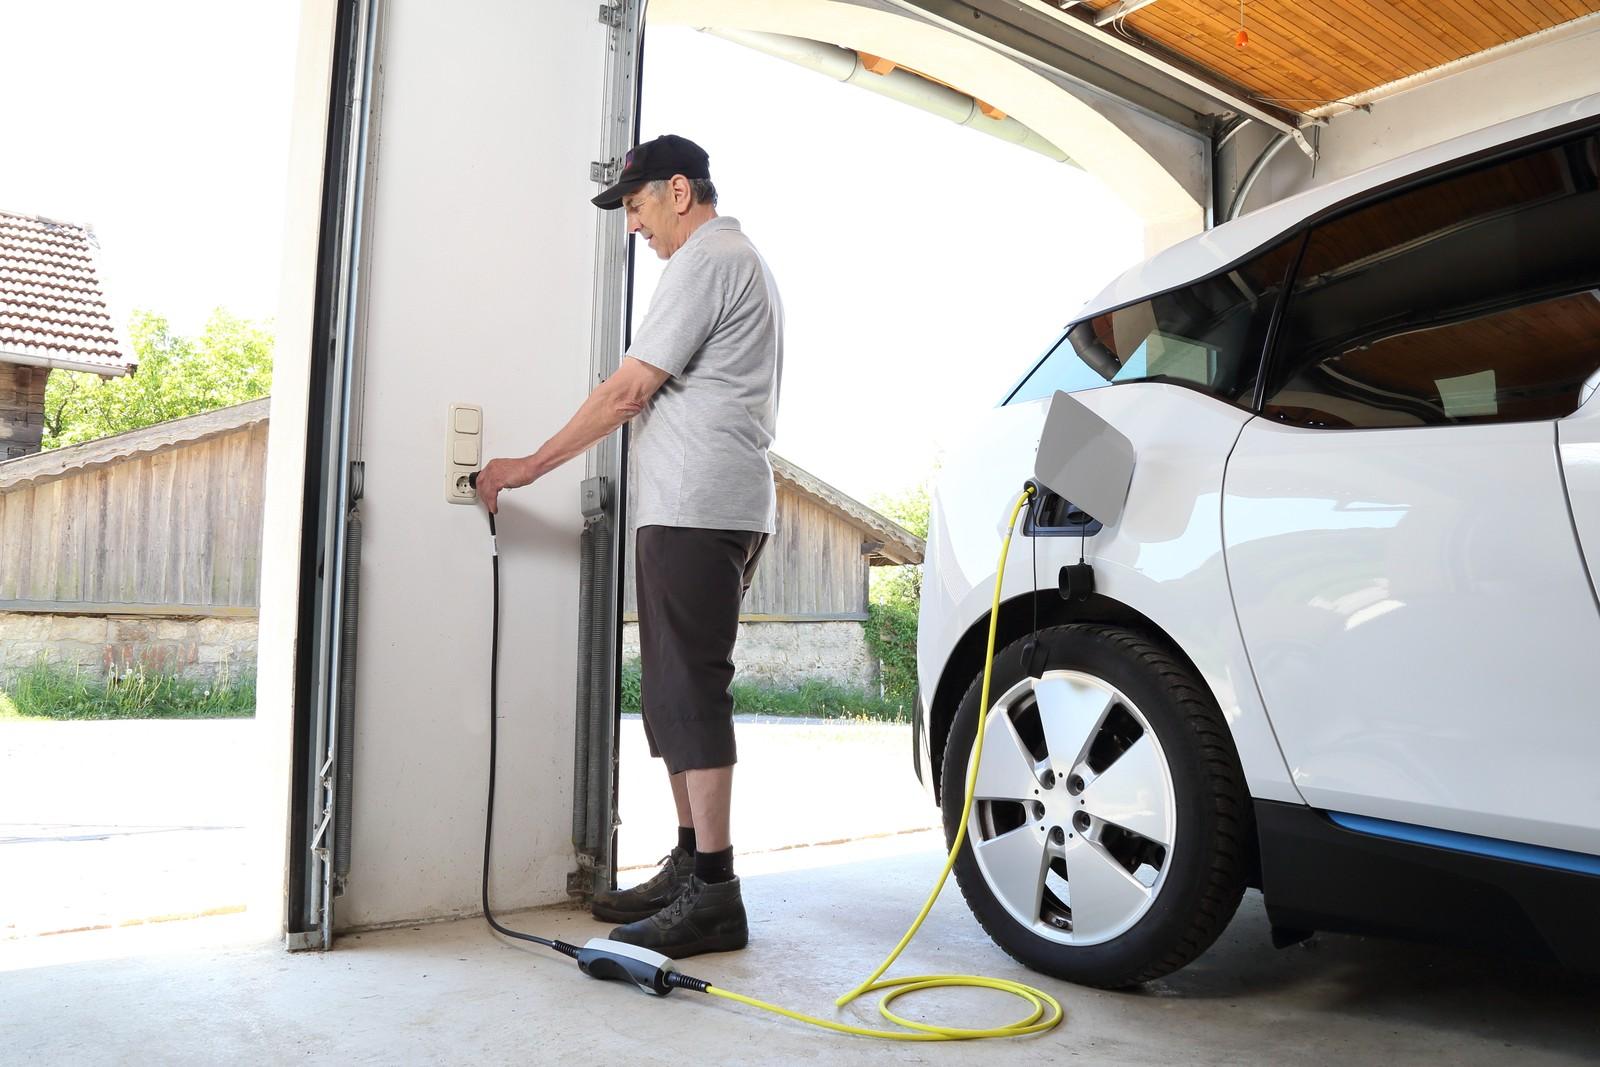 Mitarbeiter sollten vorab prüfen, ob sie die nötige Technik installieren dürfen.